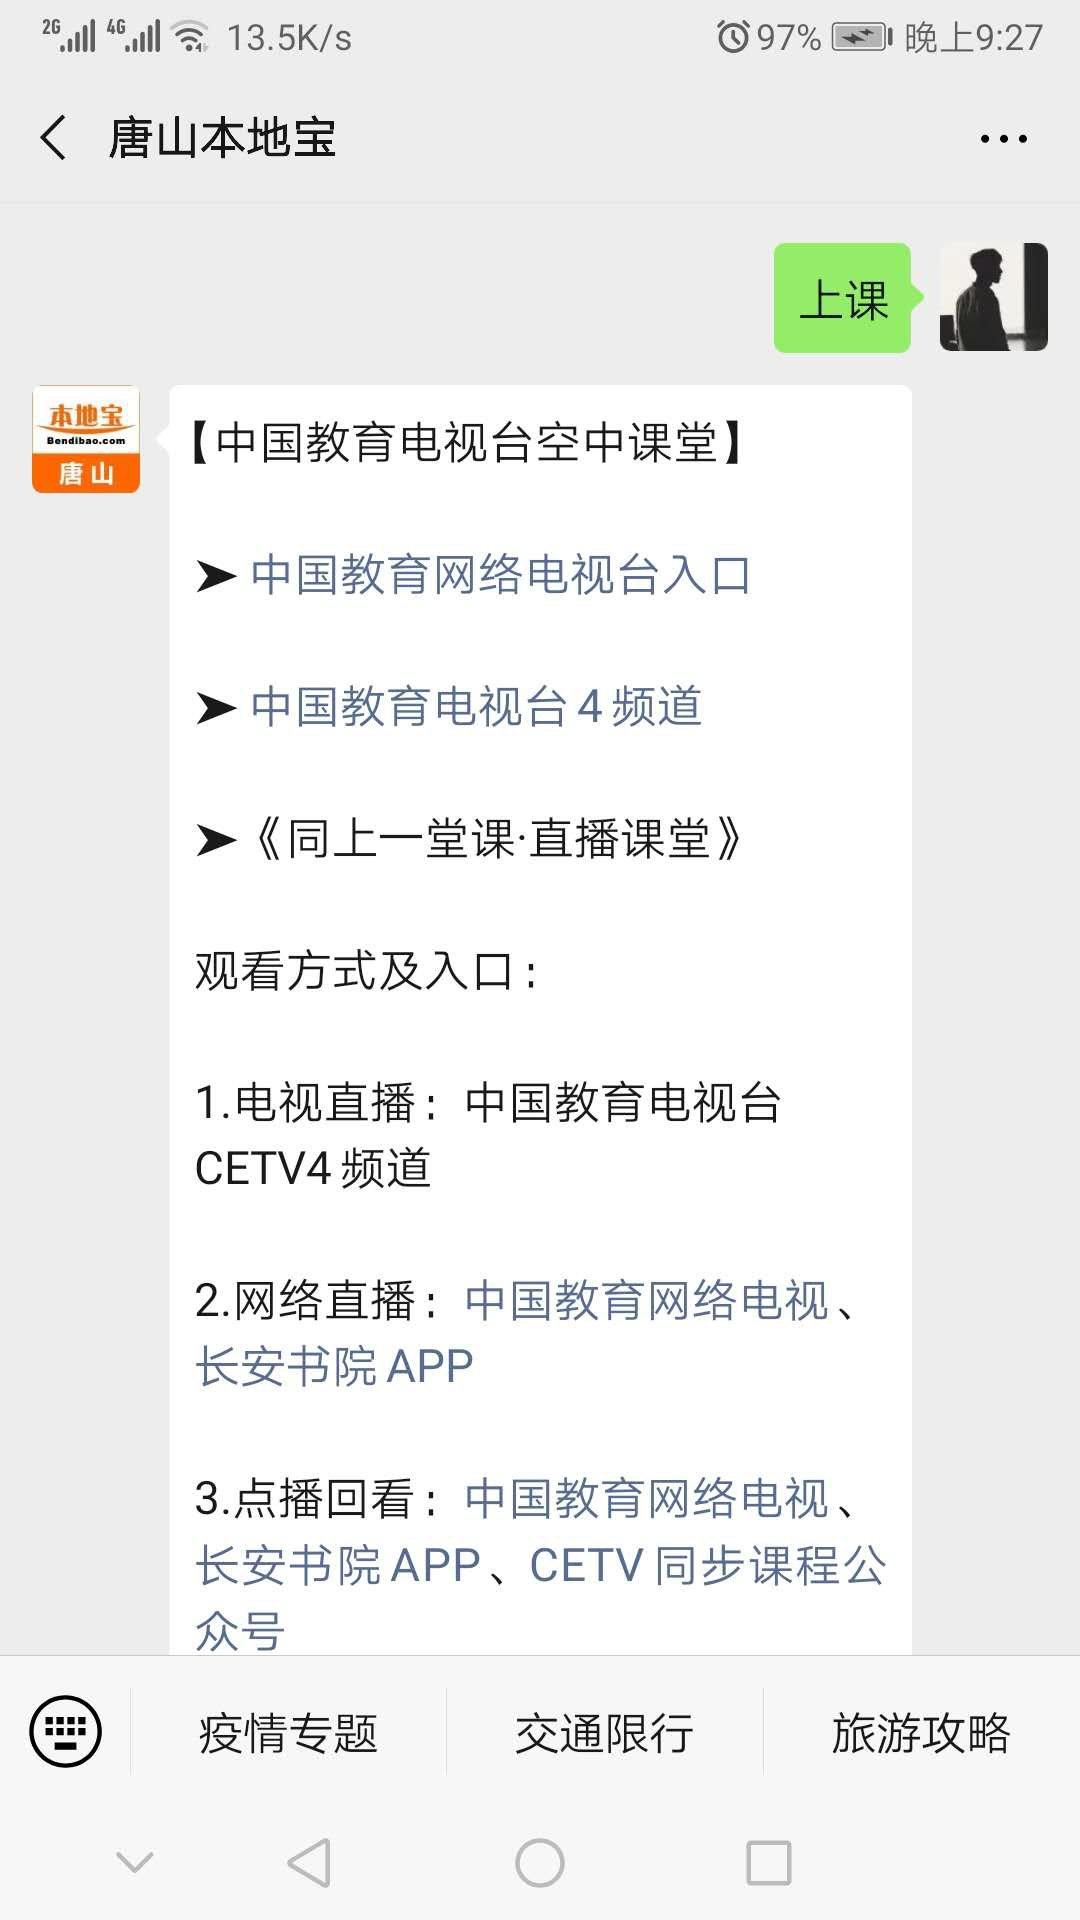 中国教育台cetv4同上一堂课课程表(实时更新)